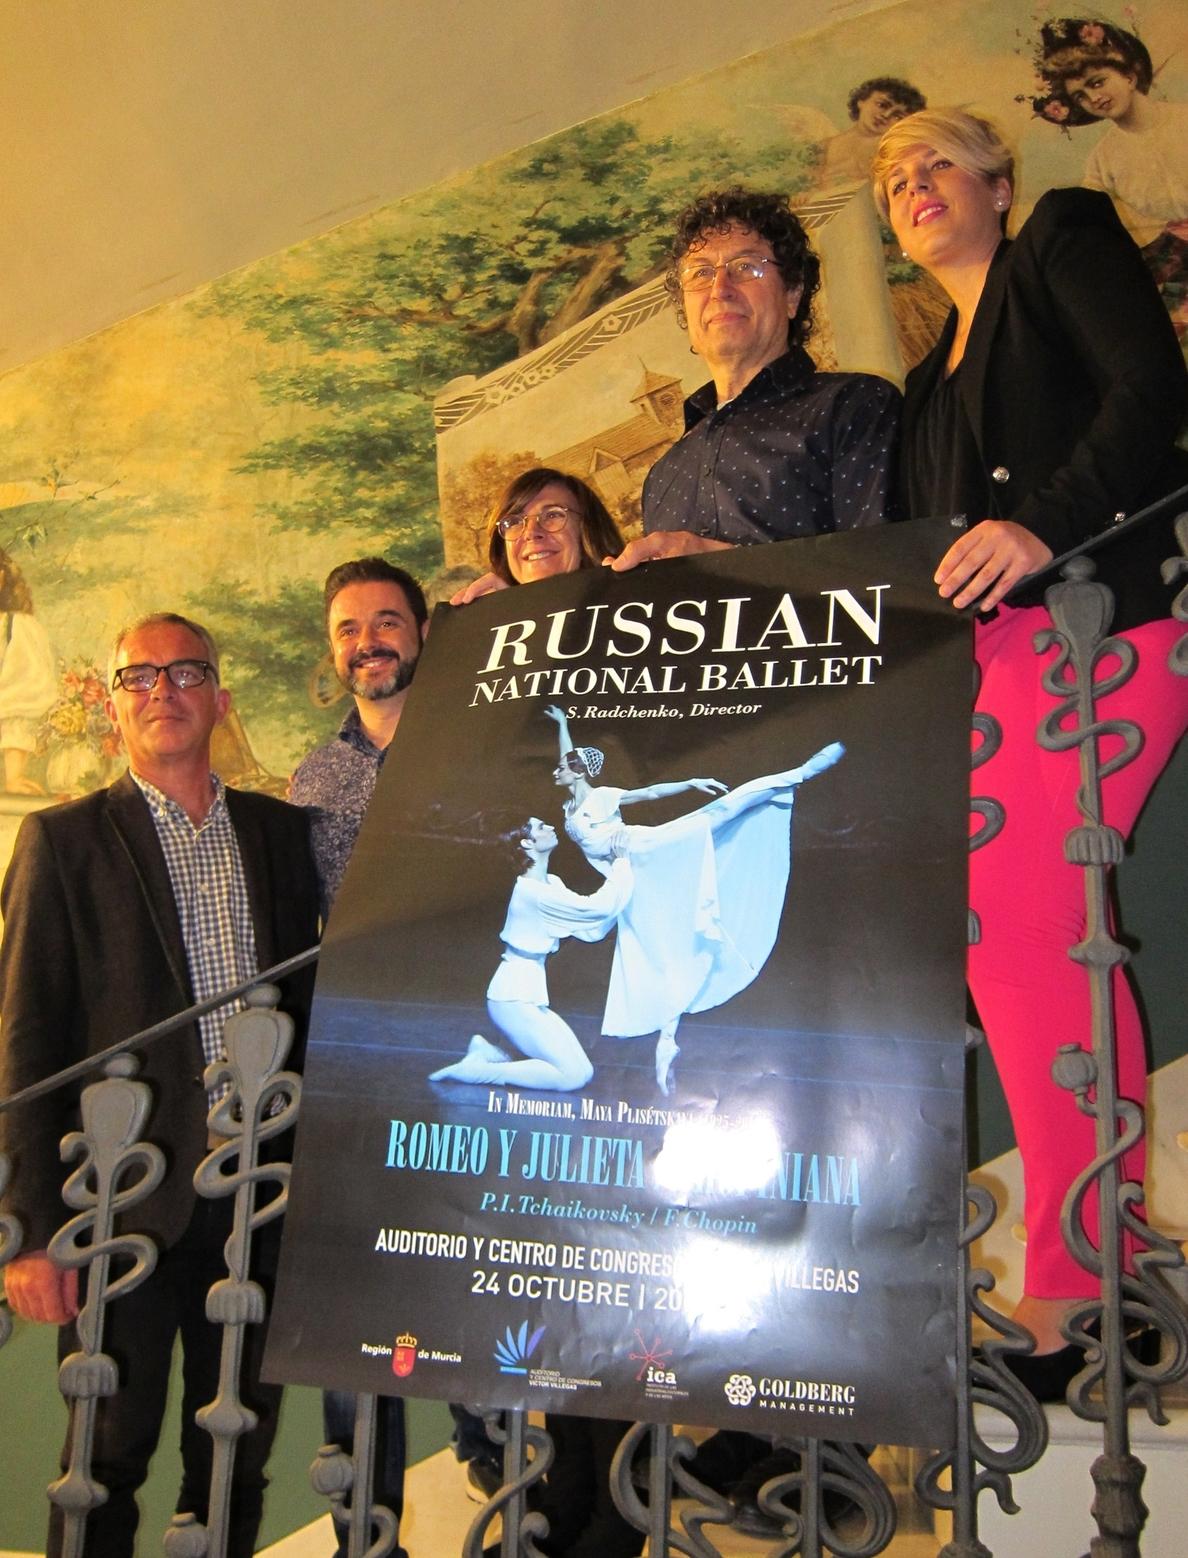 El Ballet Nacional Ruso abre la temporada de danza del Auditorio Víctor Villegas